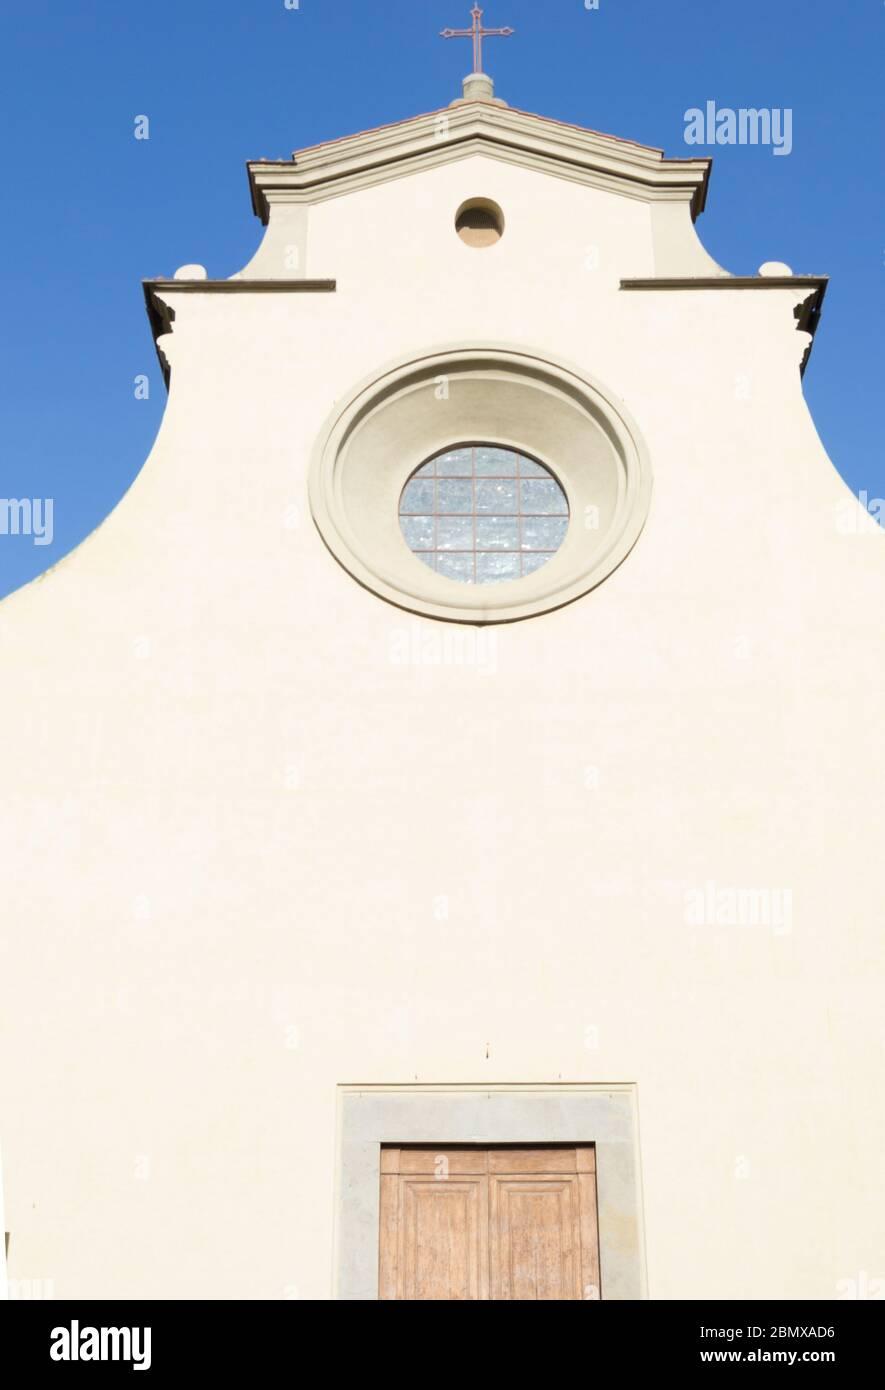 Detail der minimalistischen weißen Fassade der Kirche Santo Spirito in Florenz, Toskana, Italien Stockfoto